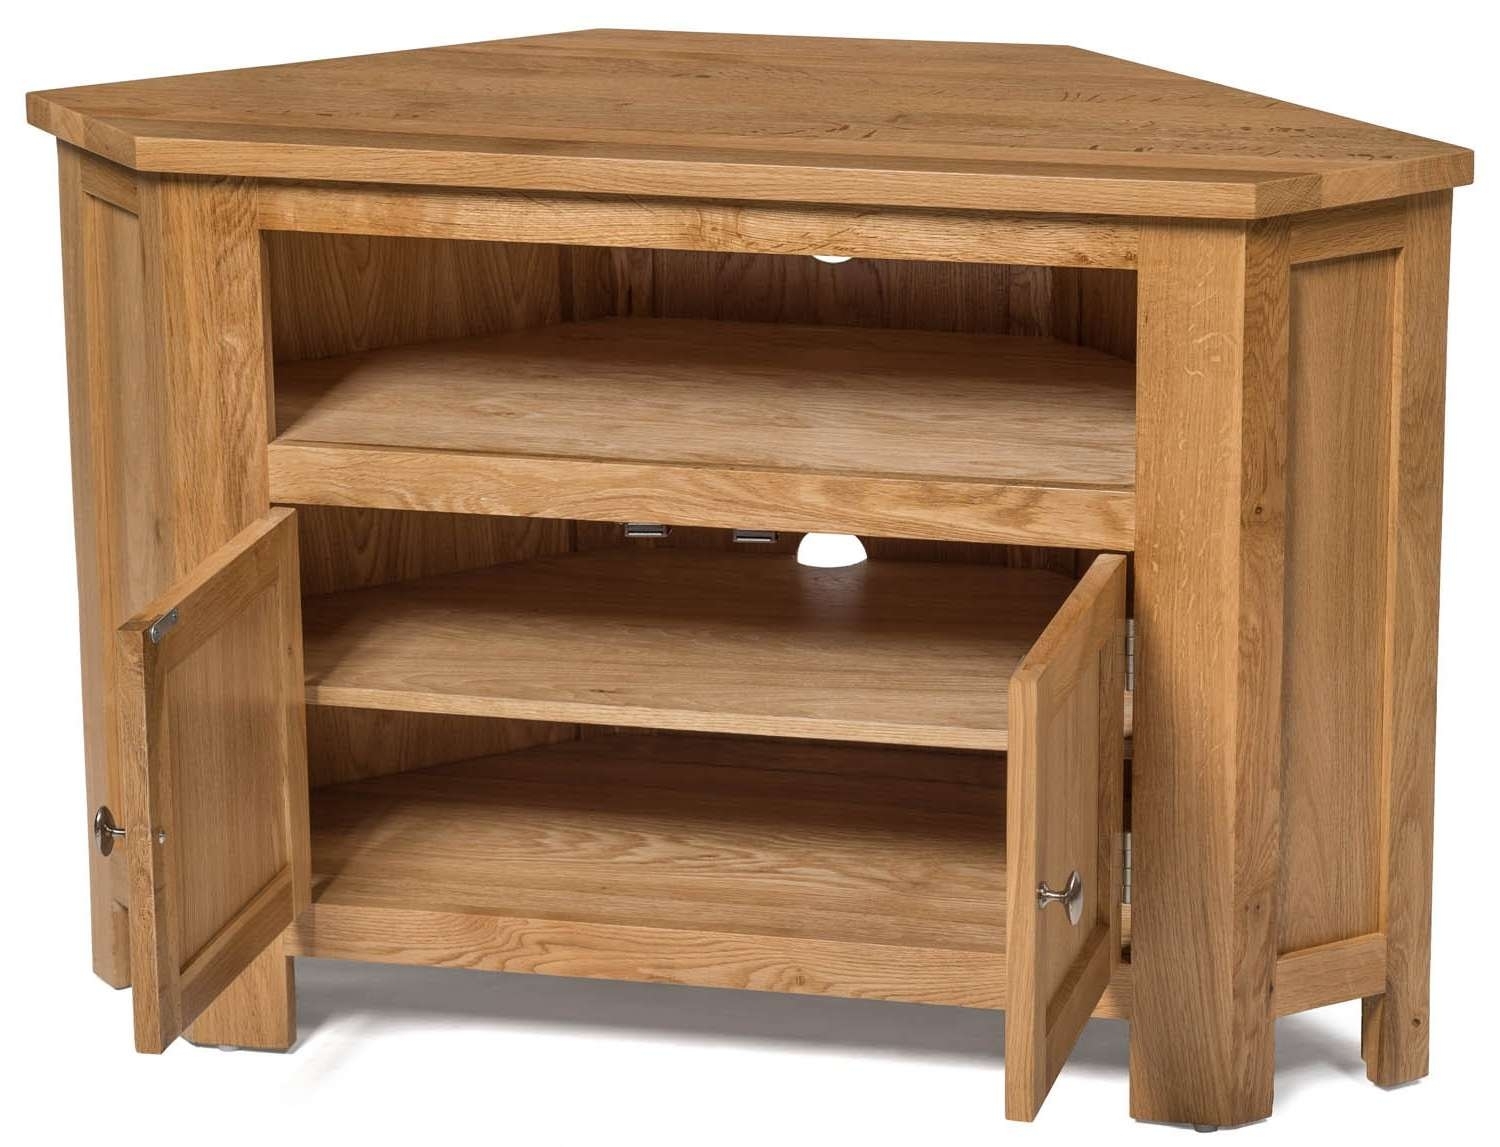 Waverly Oak 2 Door Corner Tv Stand Unit | Hallowood With Regard To Dark Wood Corner Tv Cabinets (View 8 of 20)